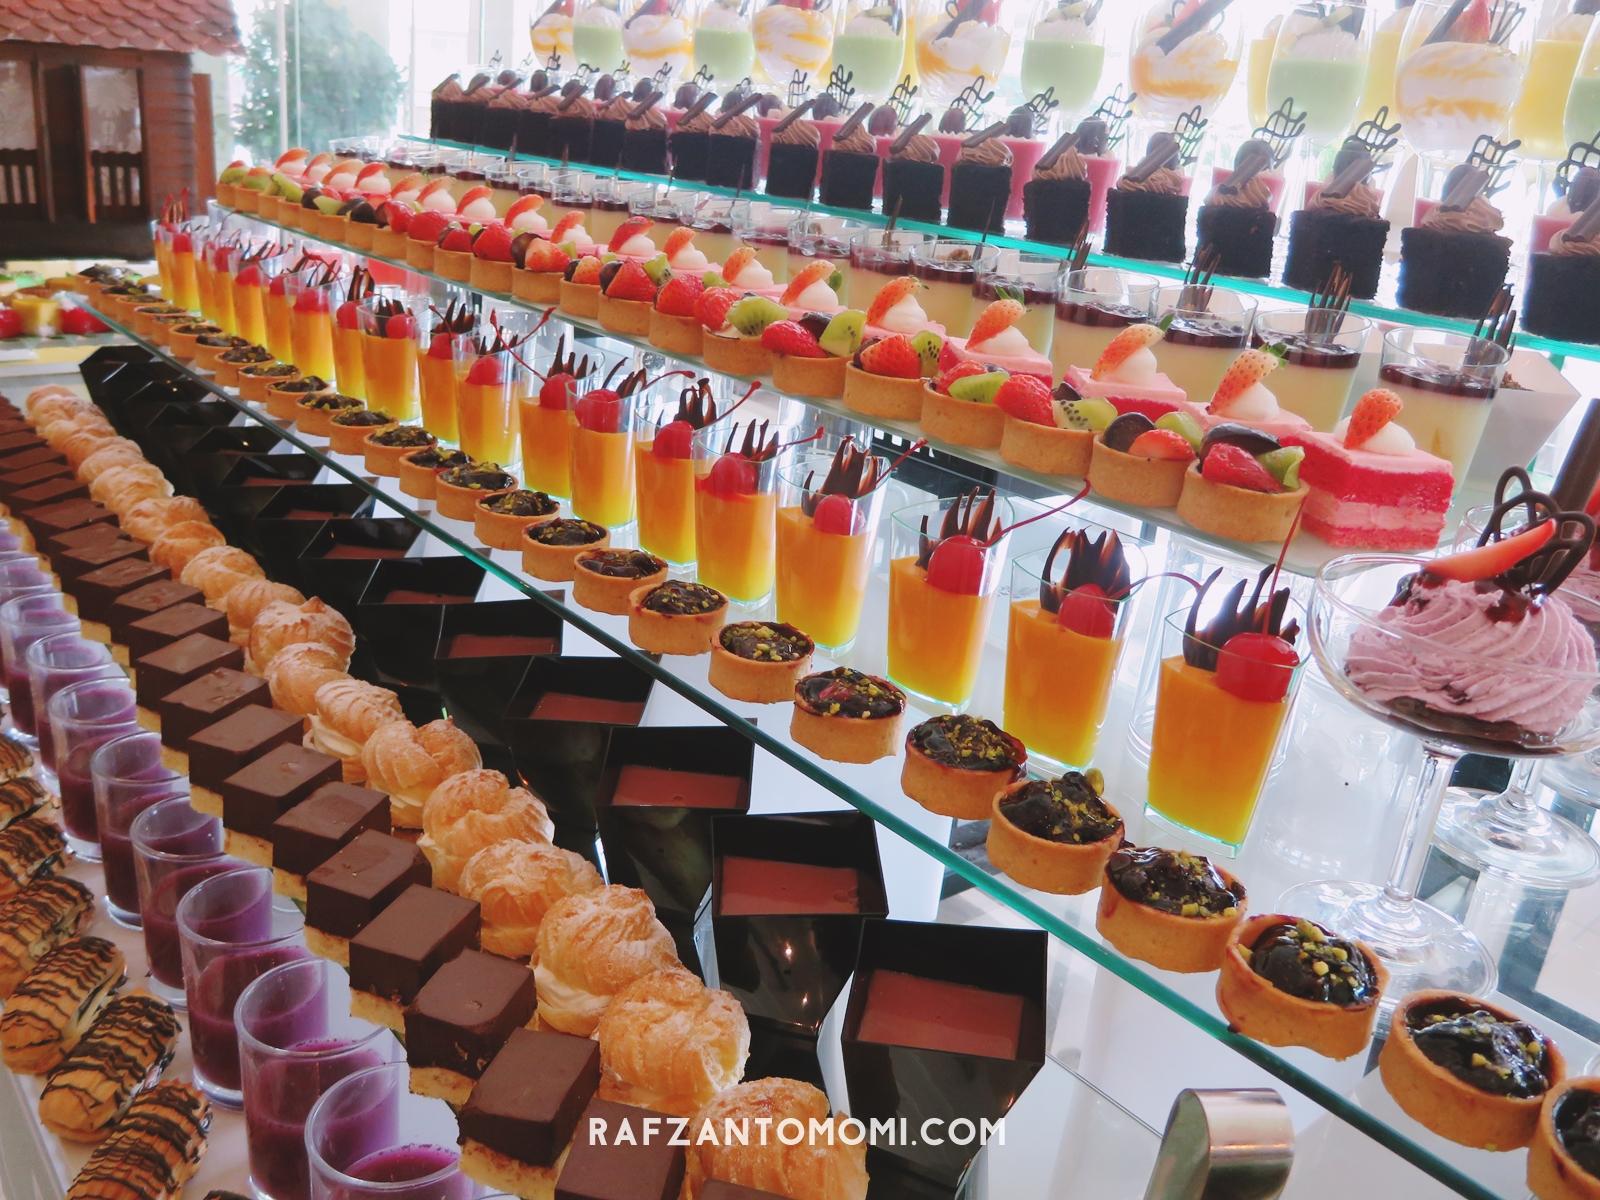 Buffet Ramadhan 2017 - Buka Puasa Selera Desa Di AnCasa Hotel & Spa, Kuala Lumpur